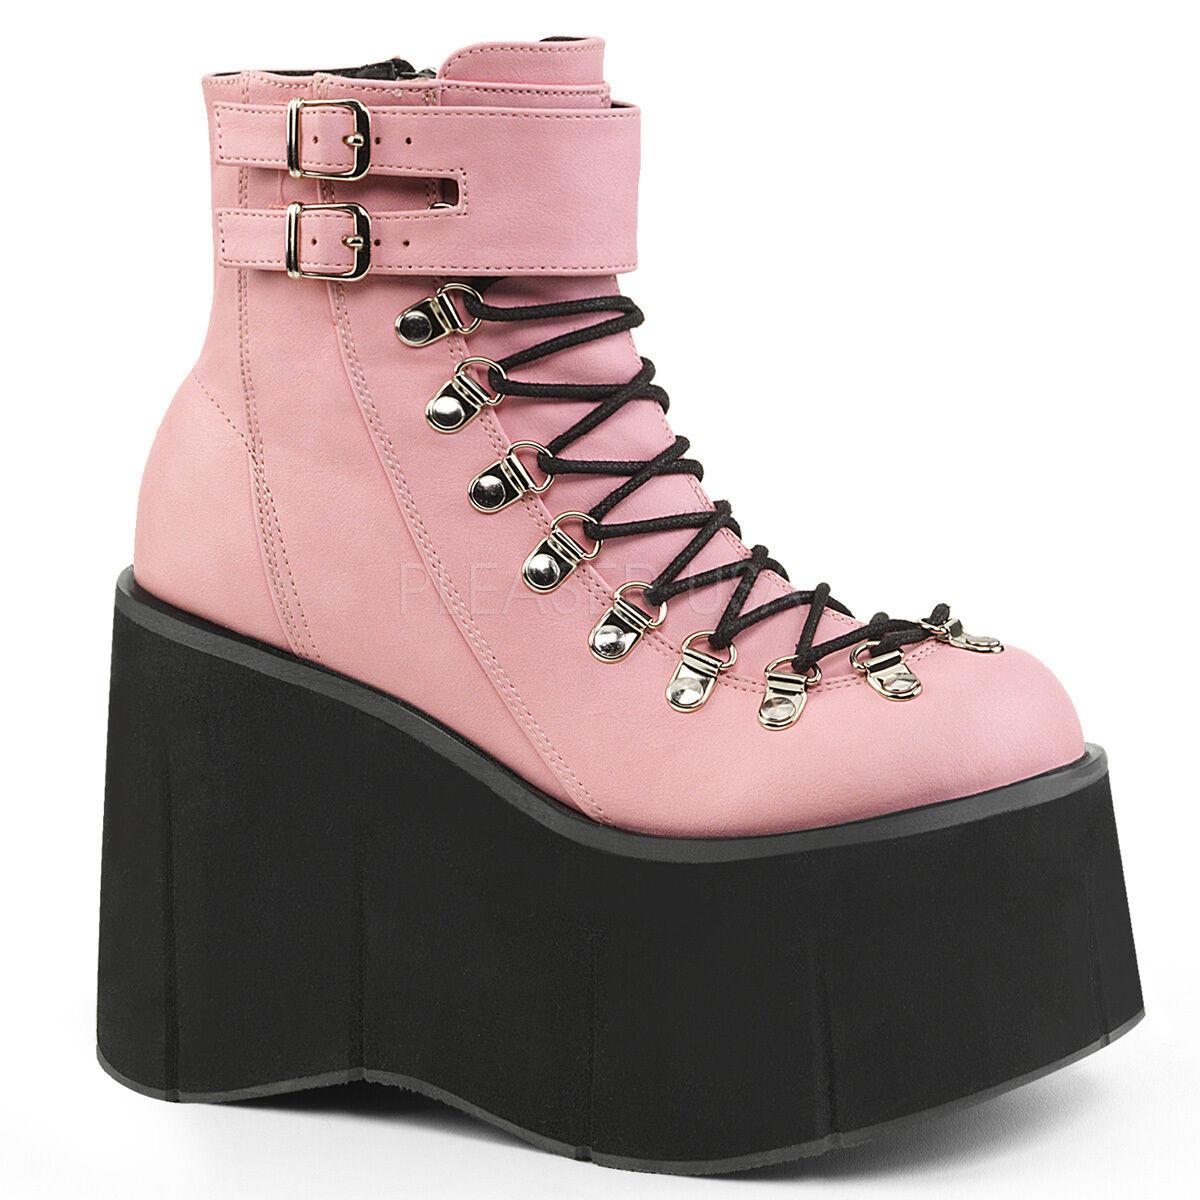 Demonia Kera - 21 Bebé rosado Puño Con Con Con Cordones botas De Plataforma-Goth Punk Gótico,,, rosadodo, Bu  perfecto